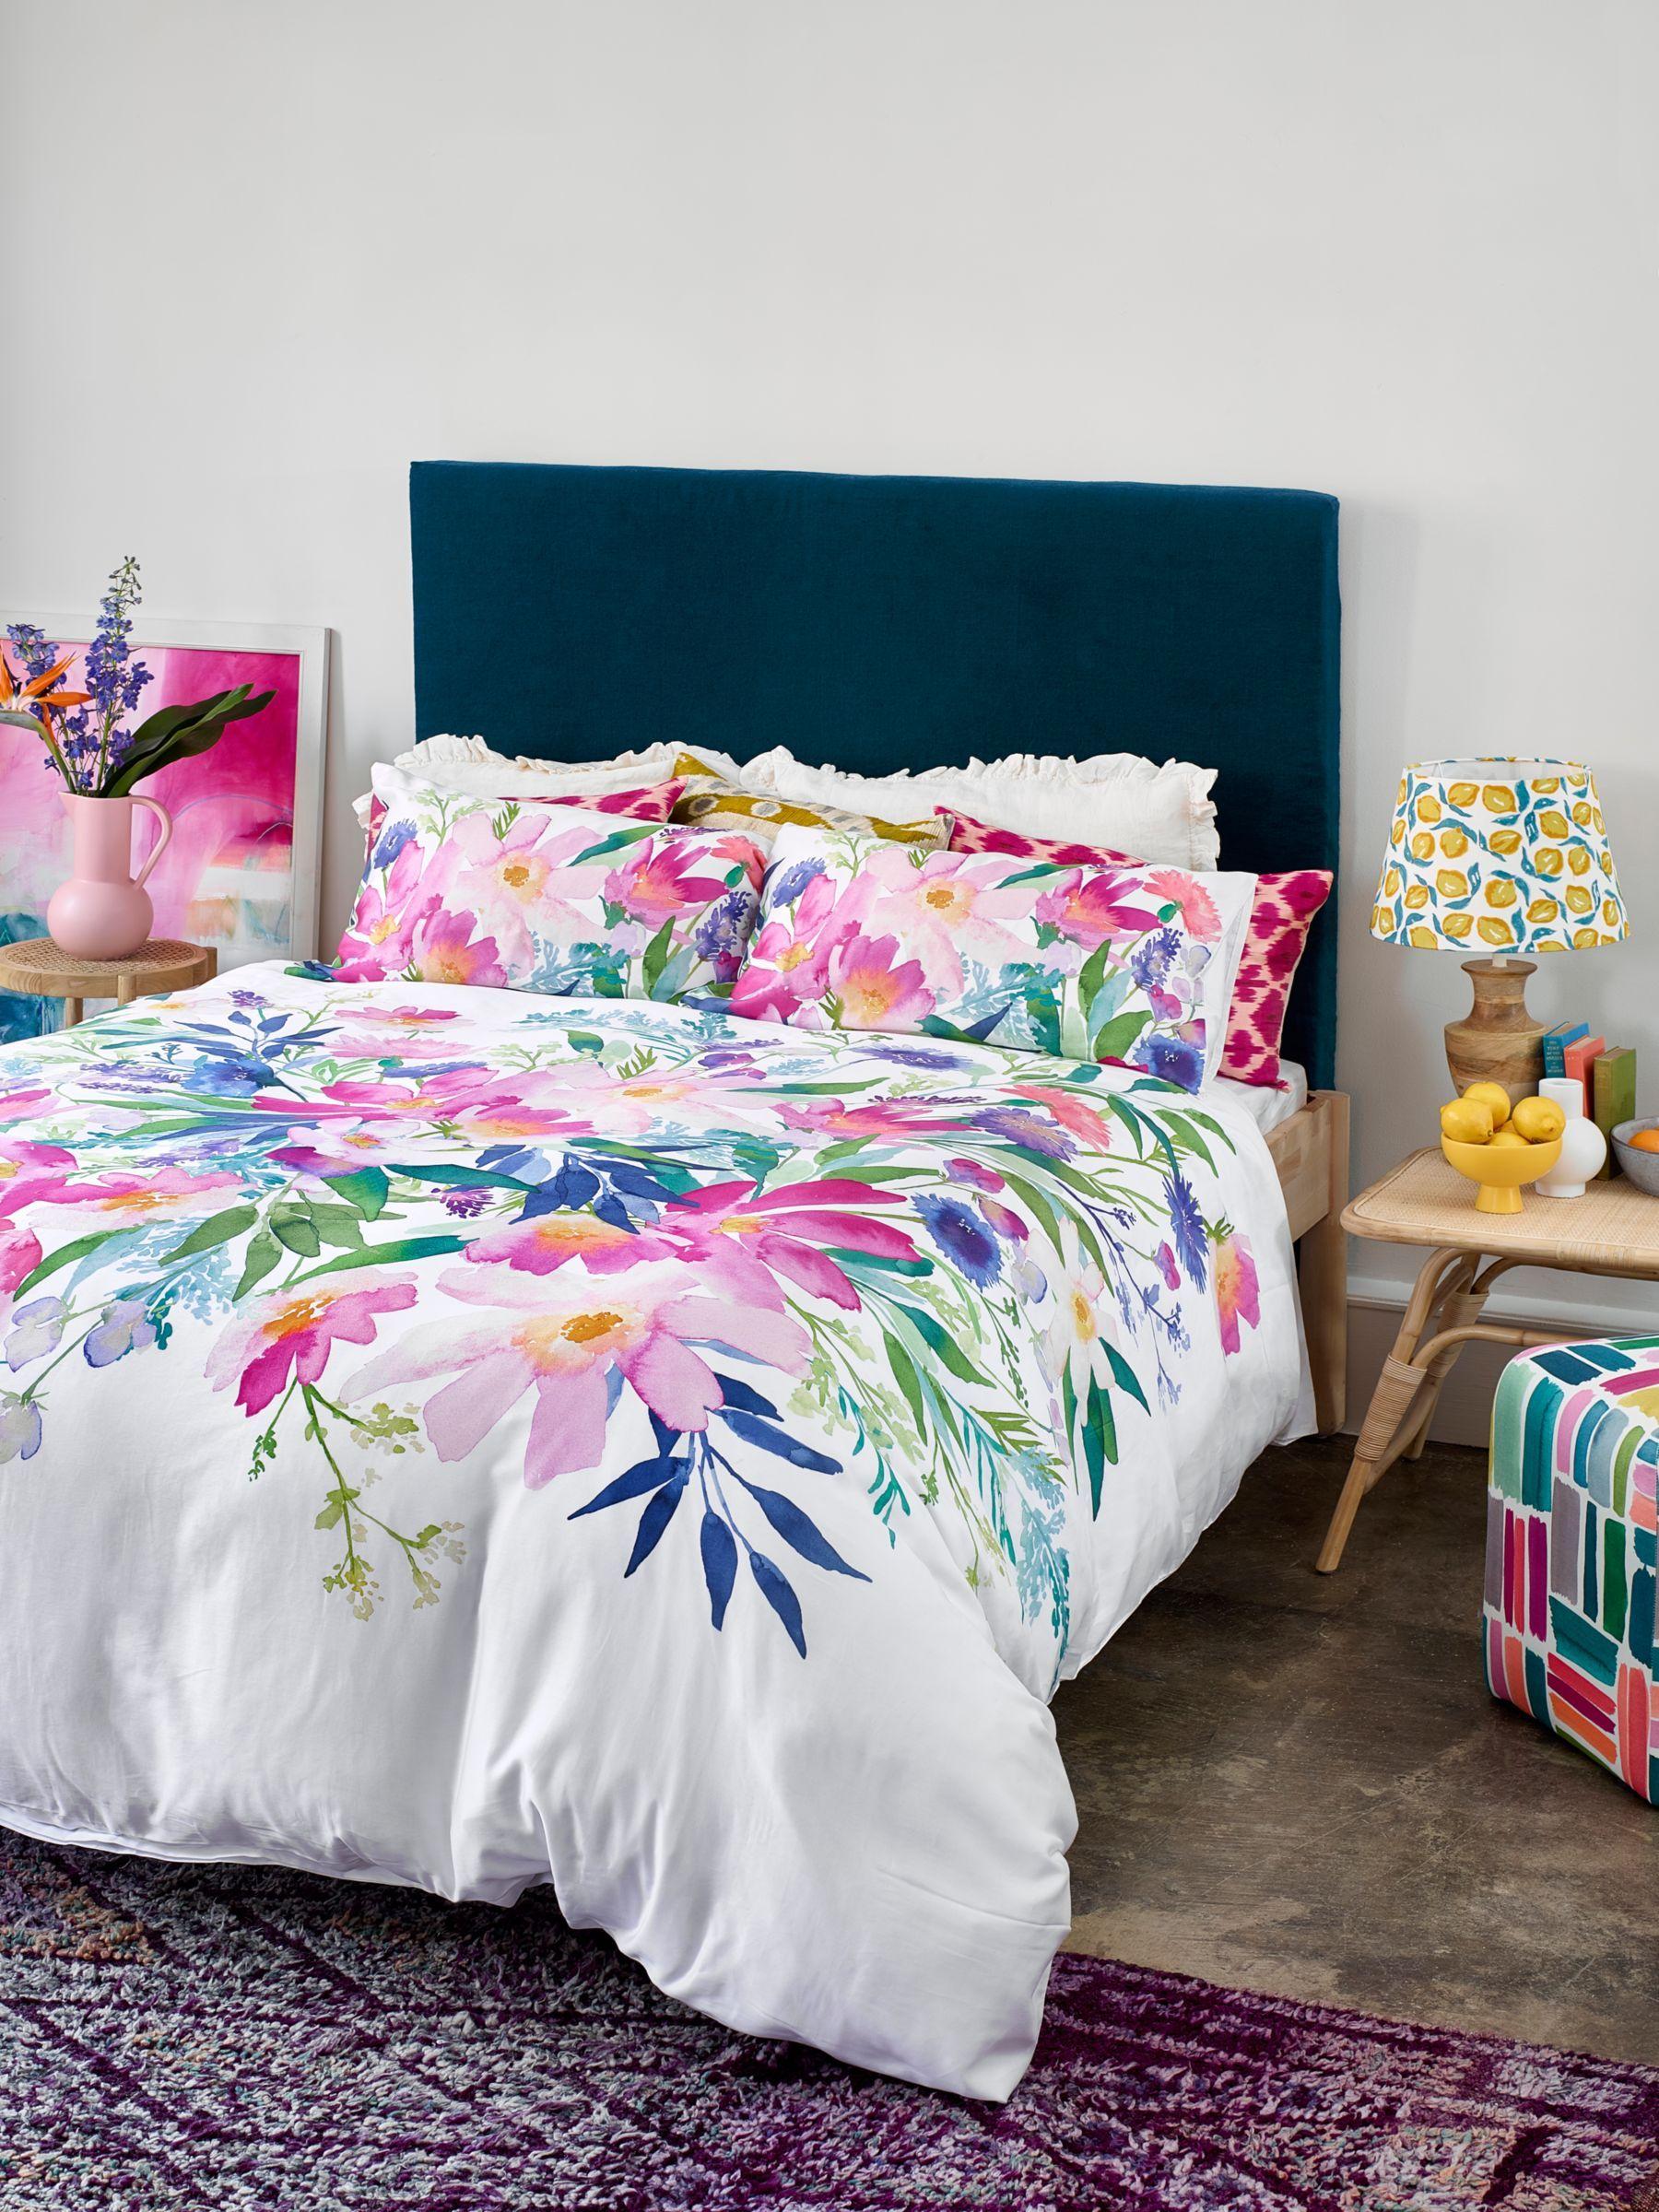 bluebellgray Rosa Duvet Cover Set in 2020 Duvet cover